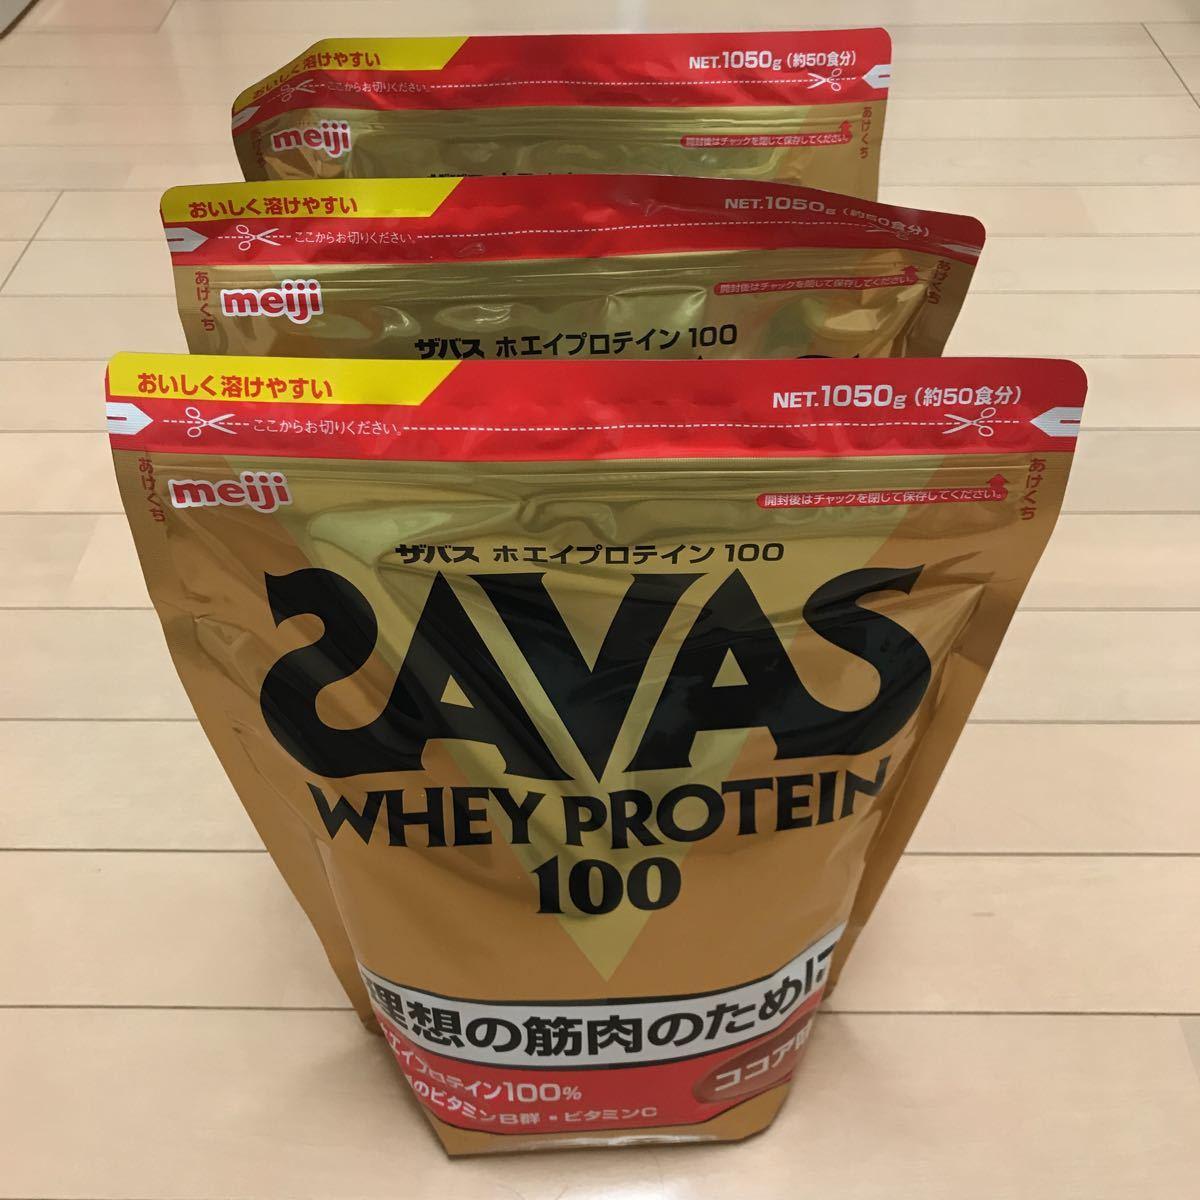 【新品未開封】ザバス ホエイプロテイン100 ココア味【50食分】 1,050g 3袋セット